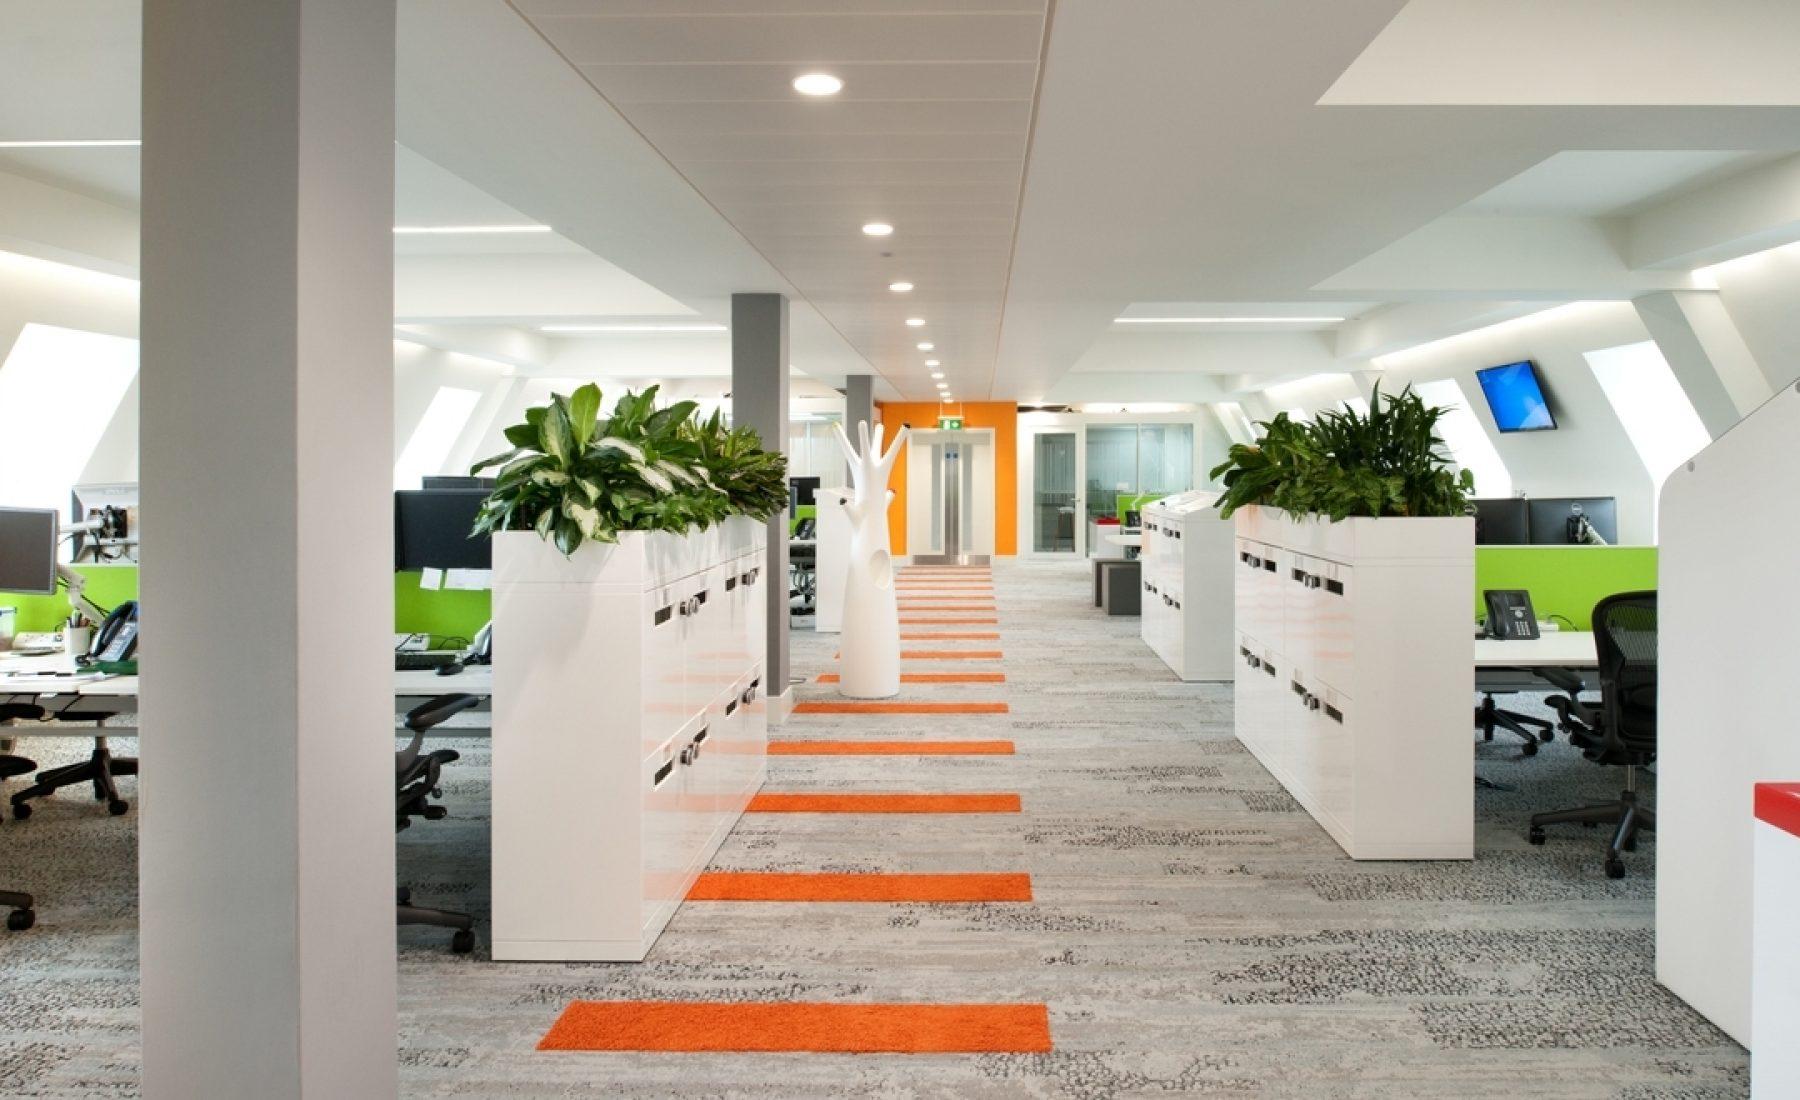 Ebay S London Office Design Morgan Lovell